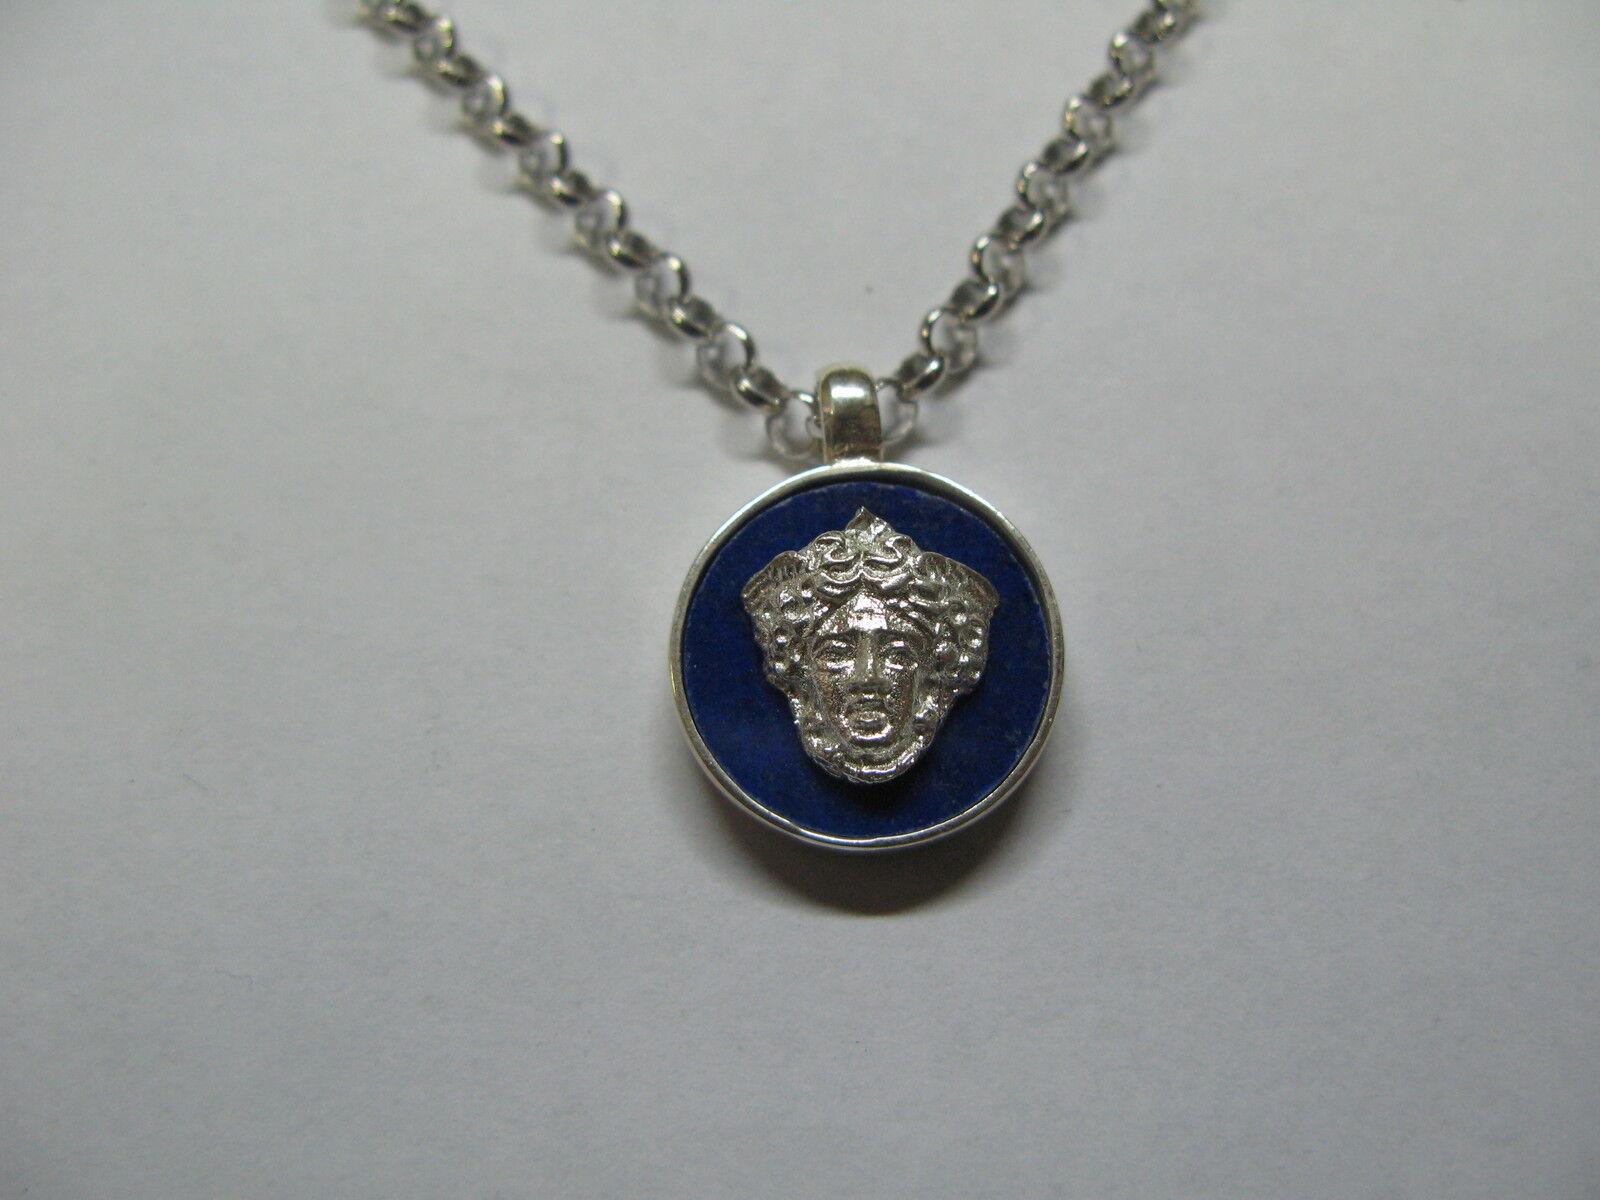 Ciondolo catena silver 925 e lapis con applicazione volto medusa silver 925